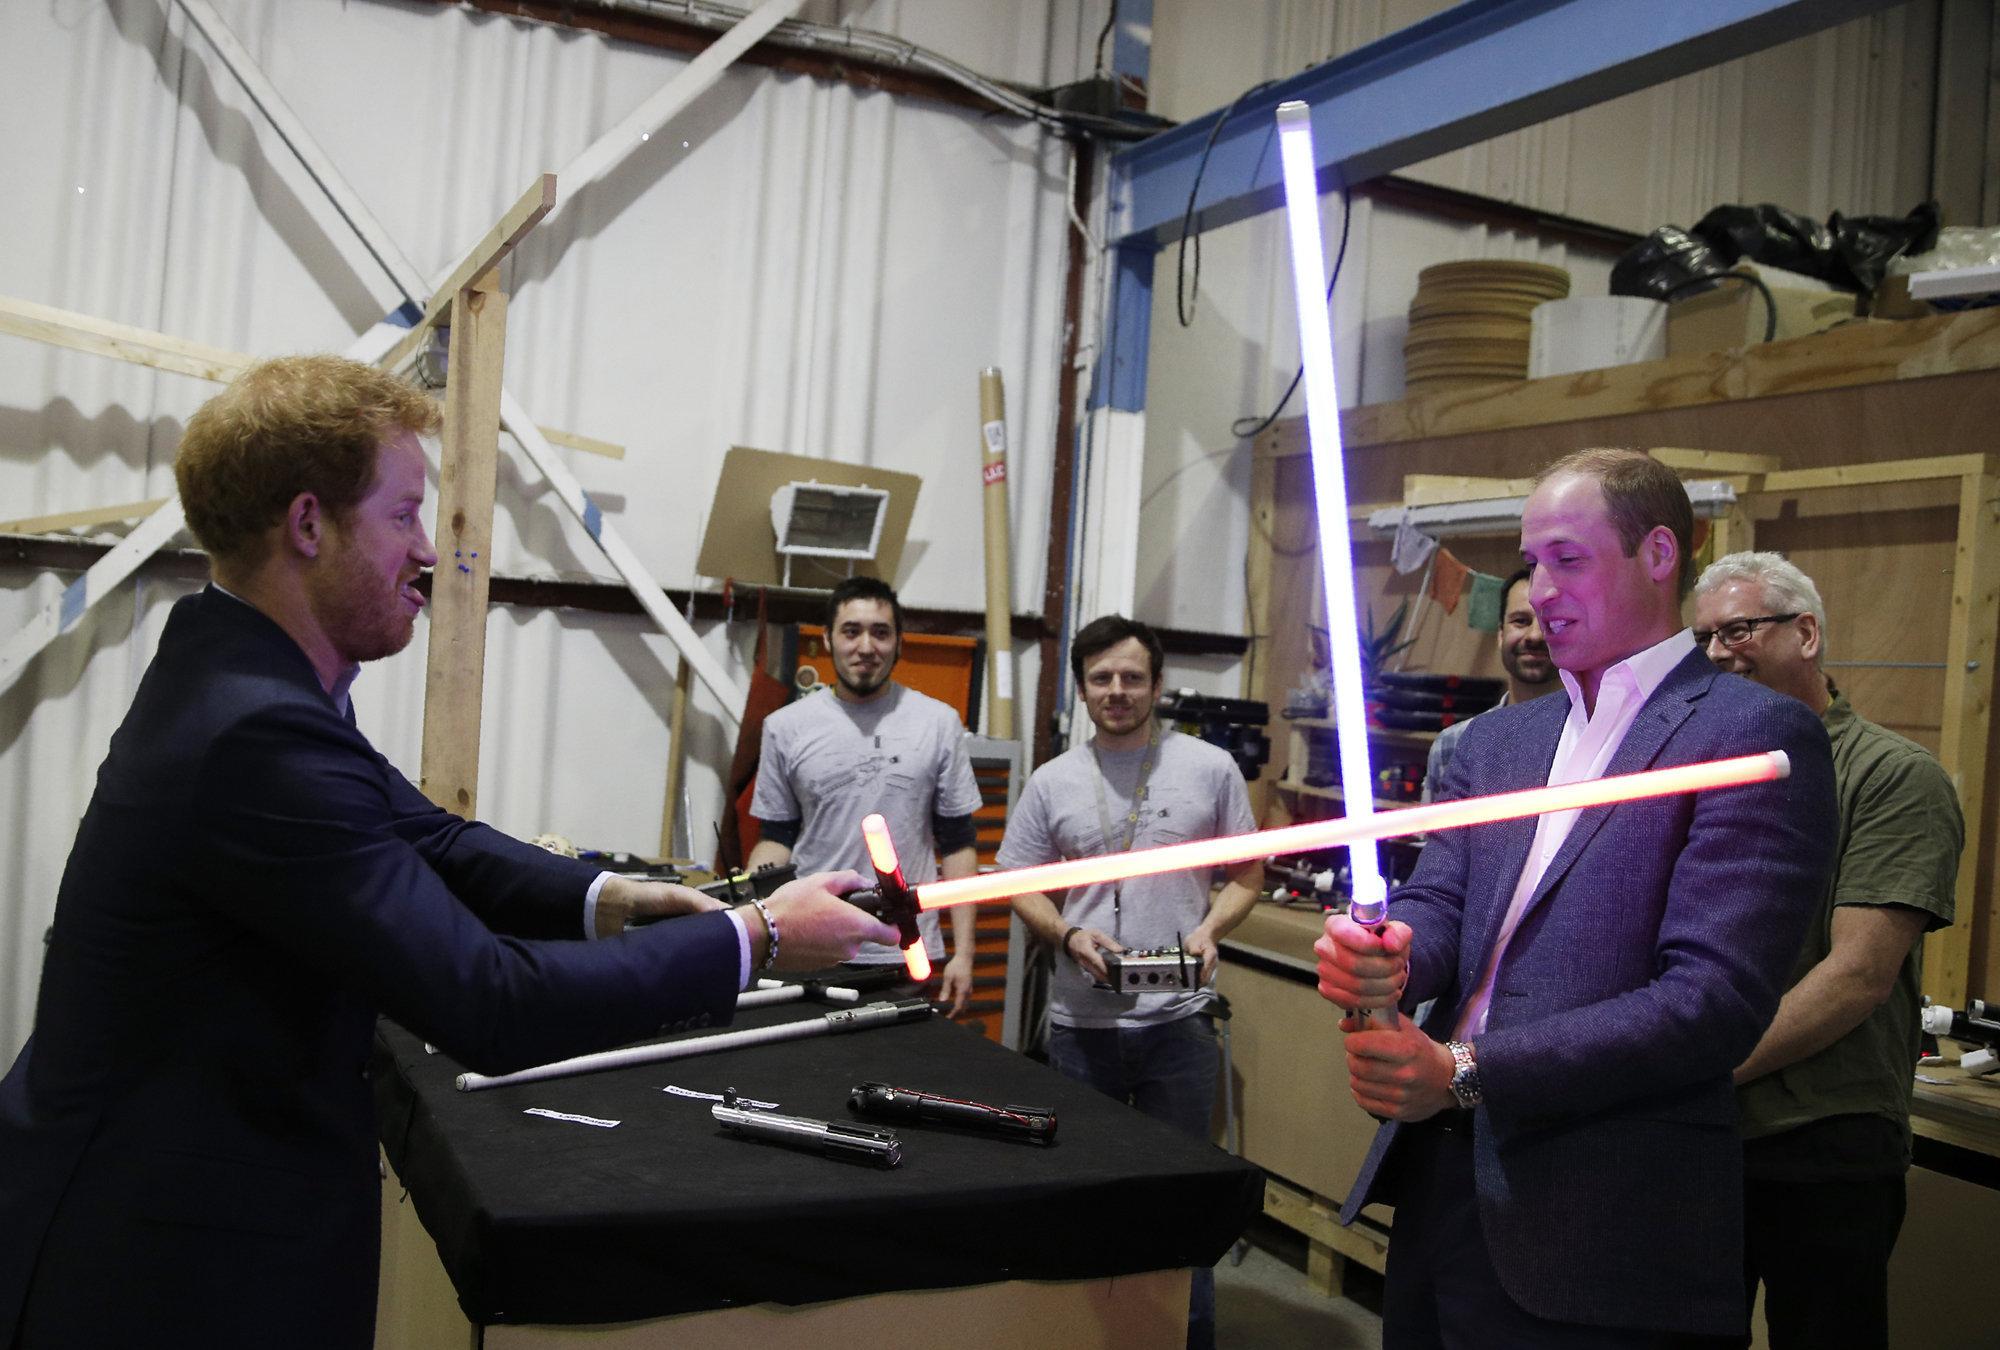 Принцы Уильям и Гарри посетили съемочную площадку «Звездных войн». Вам не завидно?